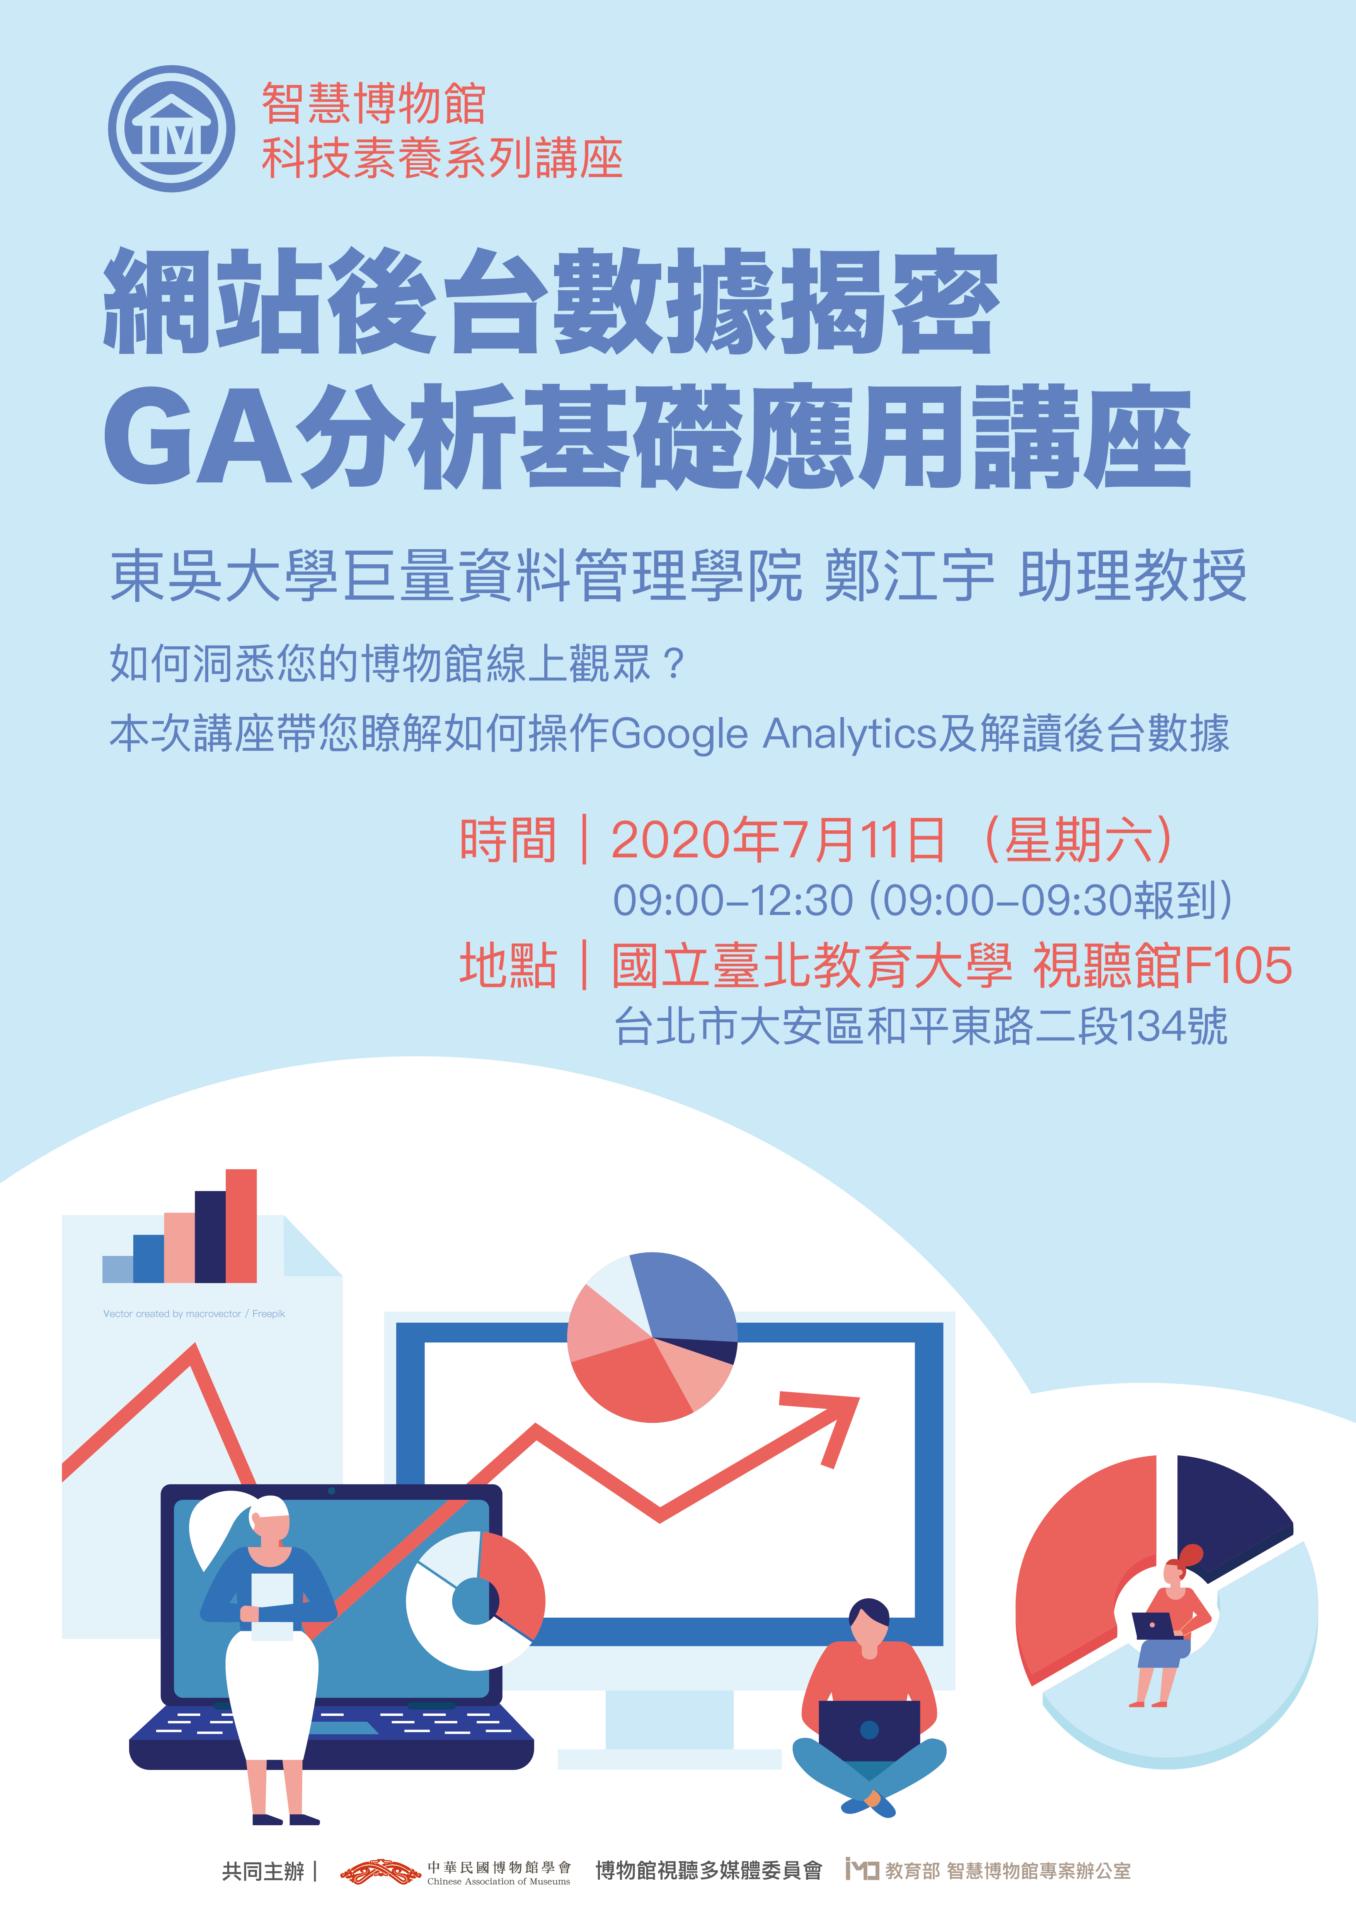 2020/07/11【智慧博物館科技素養講座:GA分析基礎應用】